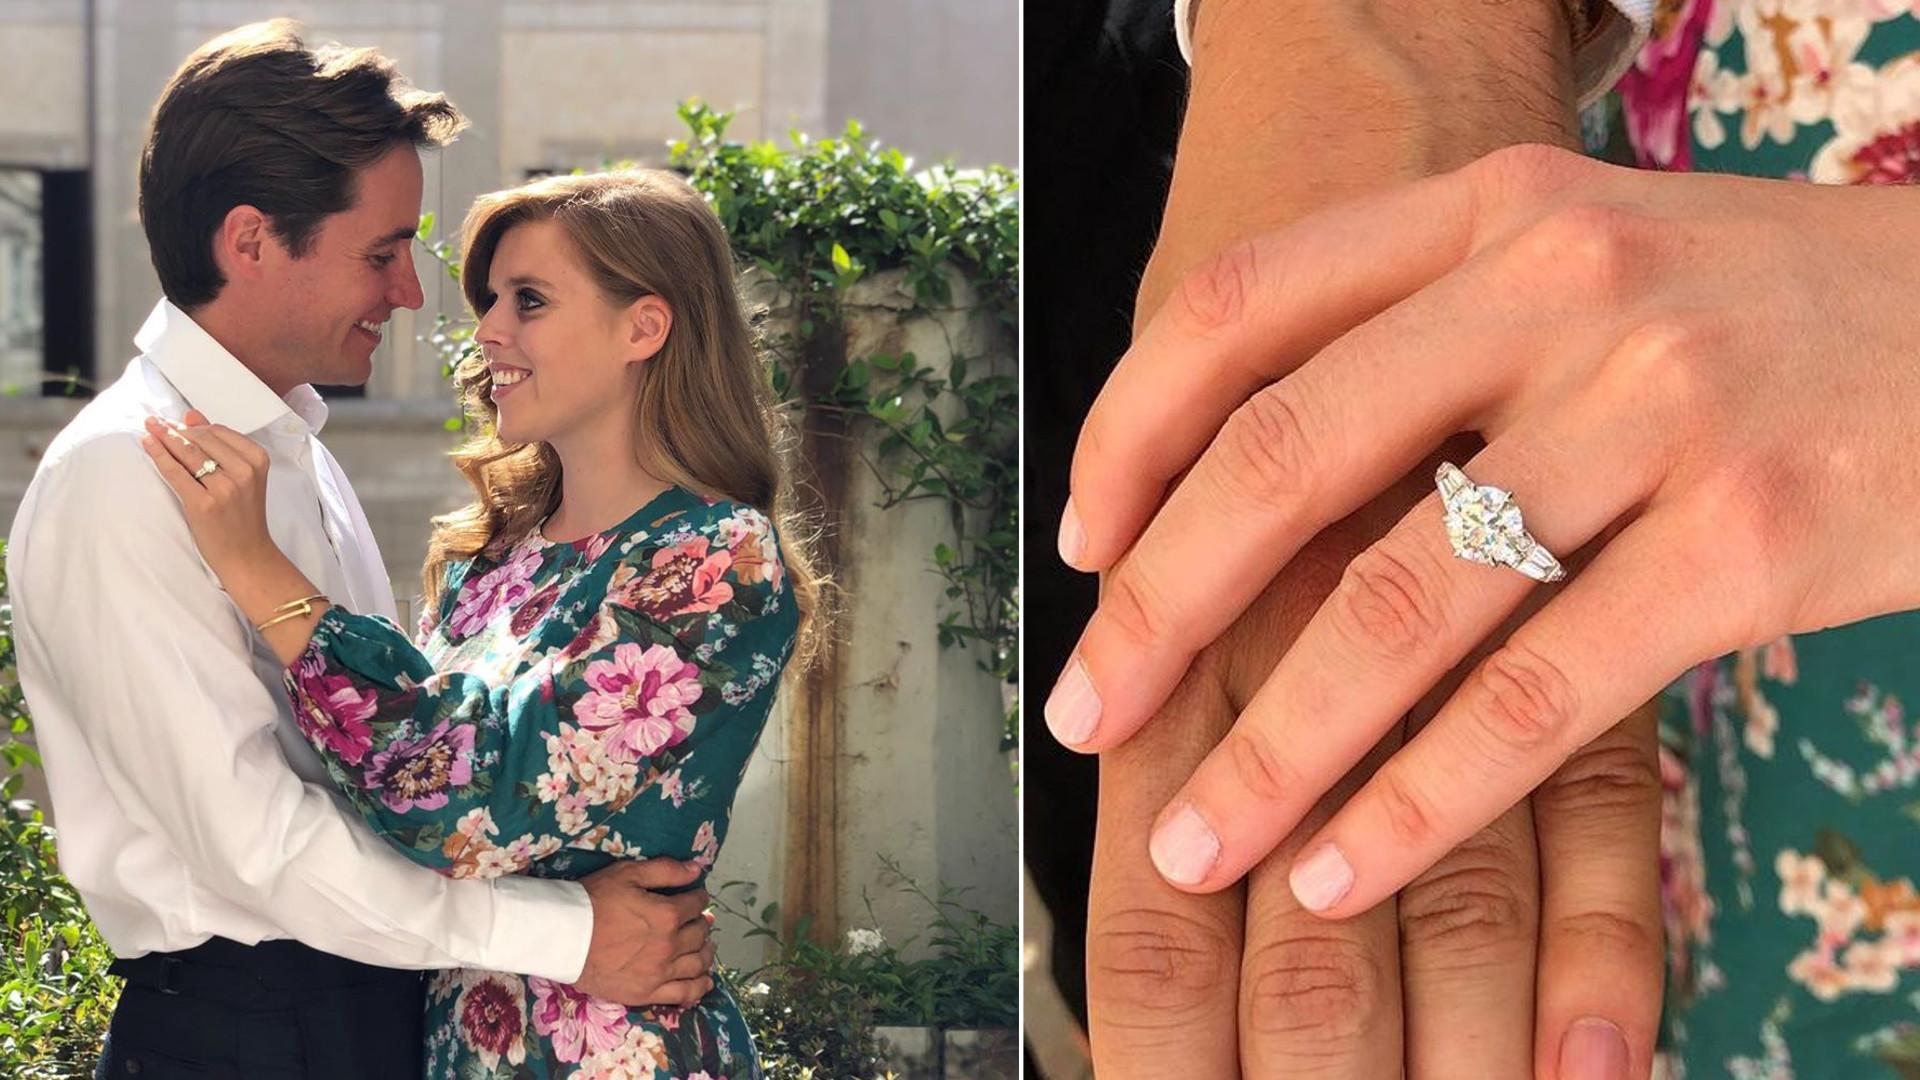 Kim jest przyszły mąż księżniczki Beatrice? Wszystko co musisz wiedzieć o Edoardo Mapelli Mozzi